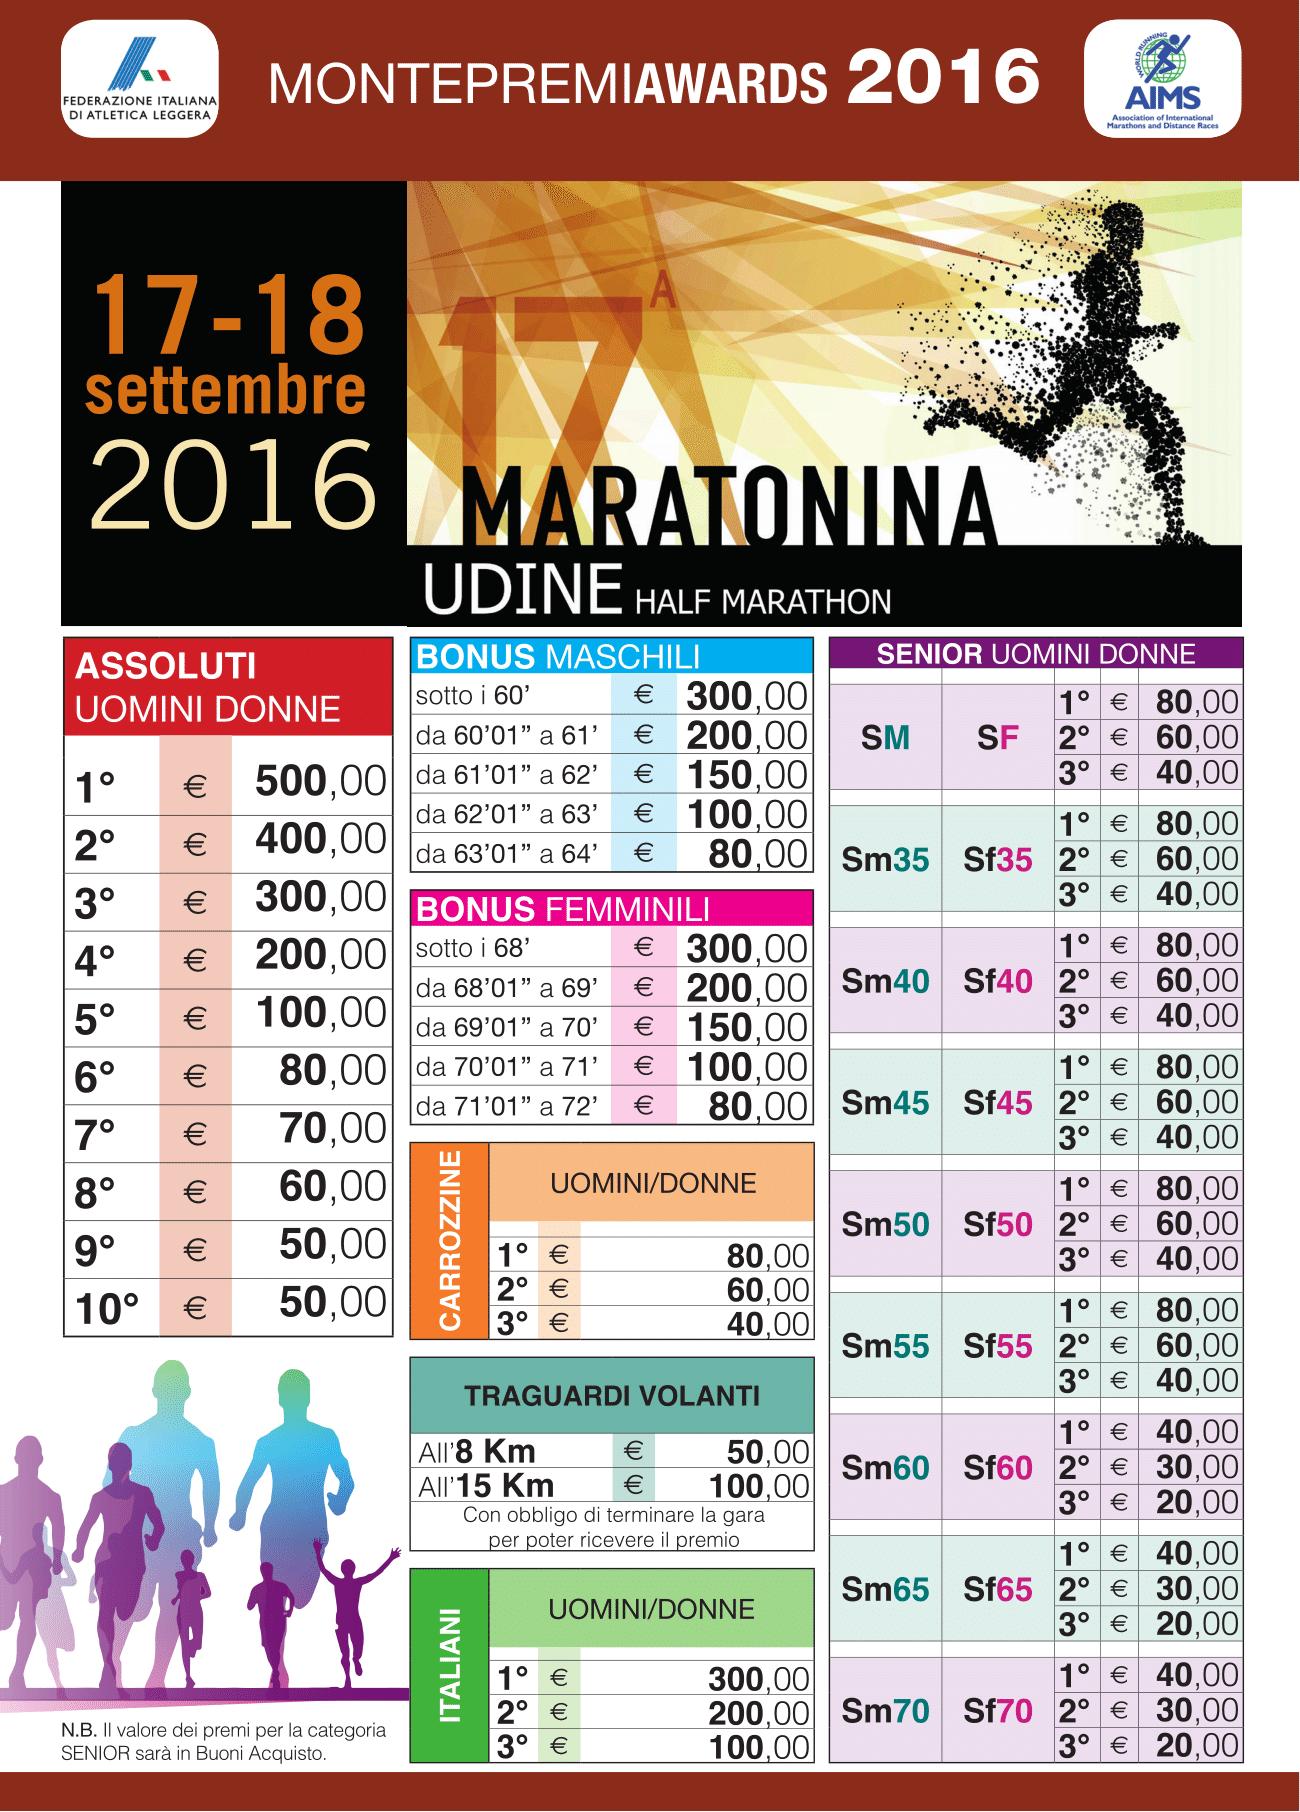 Montepremi 2016